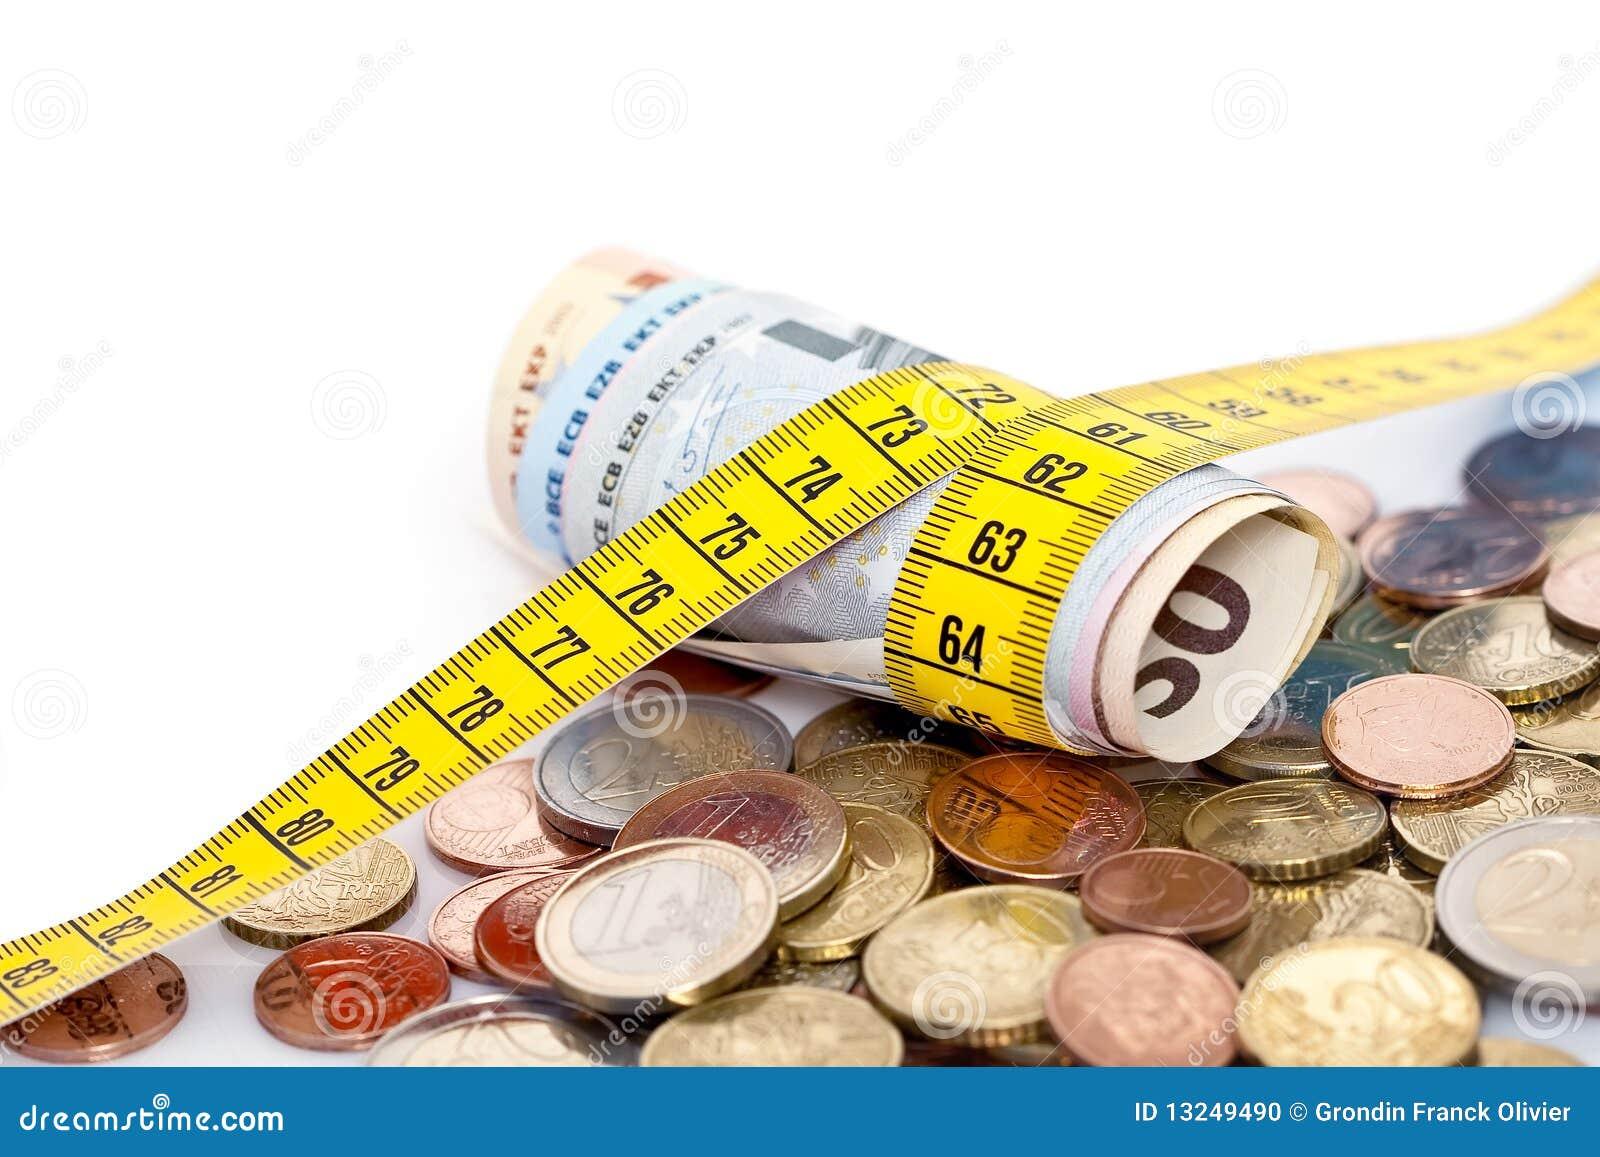 Tape measure around Euros